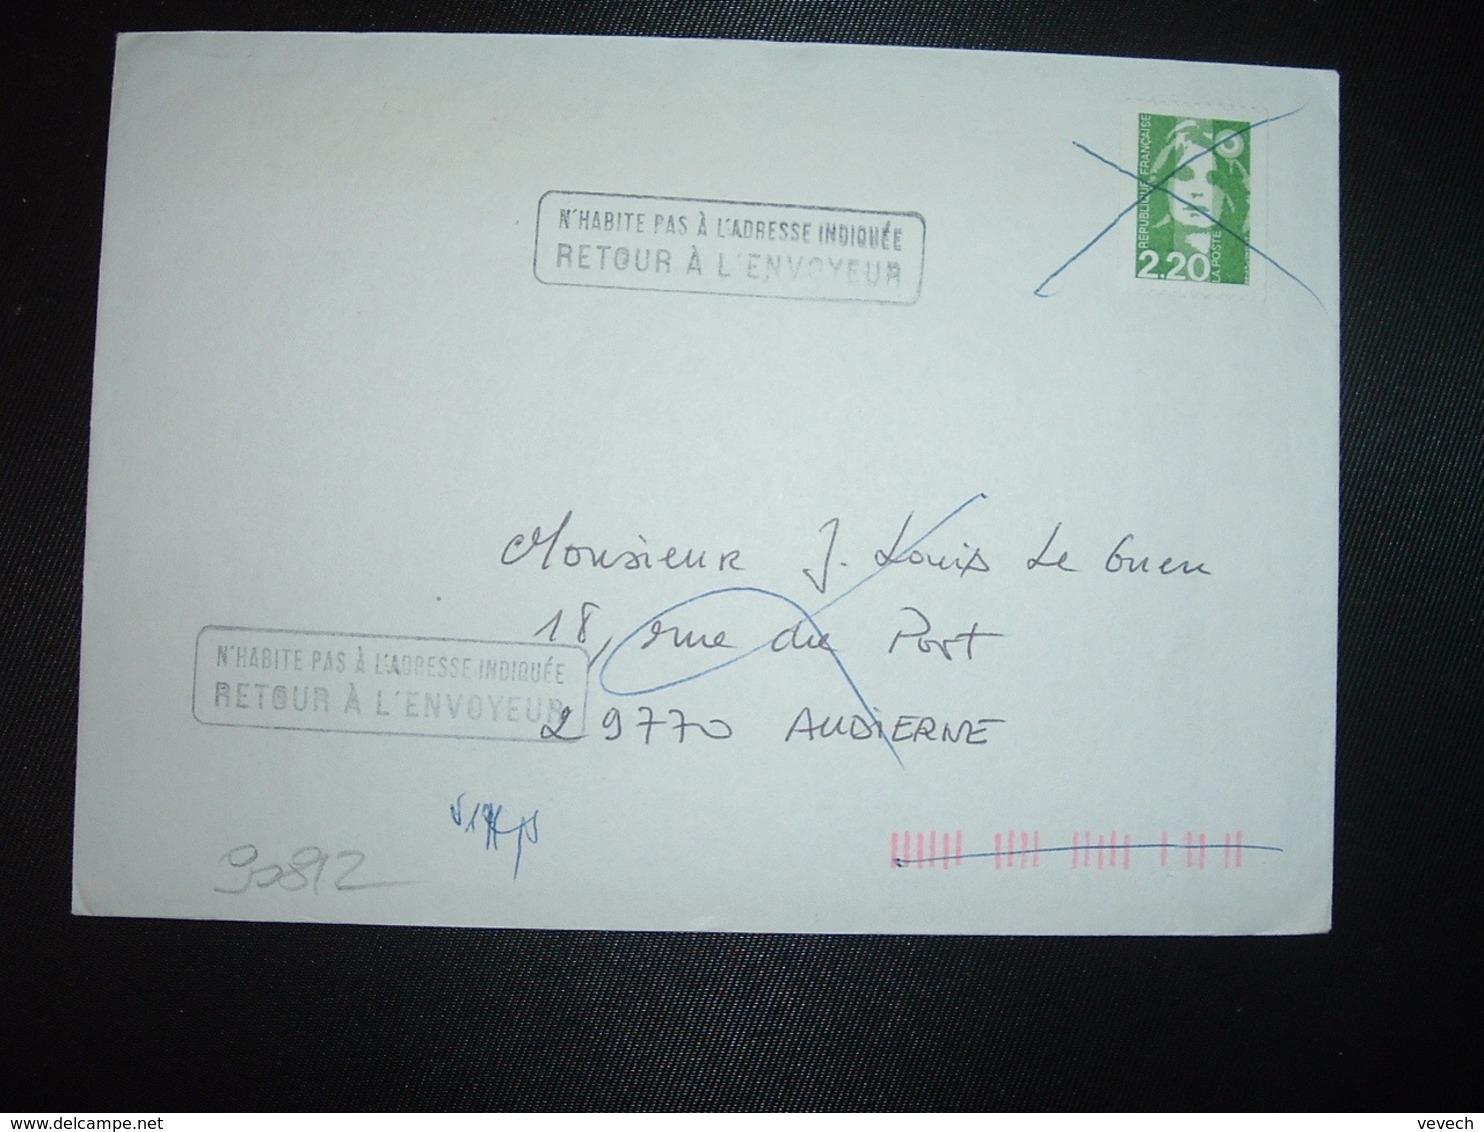 LETTRE TP M.DE BRIAT 2,20 ROULETTE Annulé + RETOUR A L'ENVOYEUR + OBL.MEC.19-3 1993 29 S AUDIERNE SUD FINISTERE - Marcophilie (Lettres)